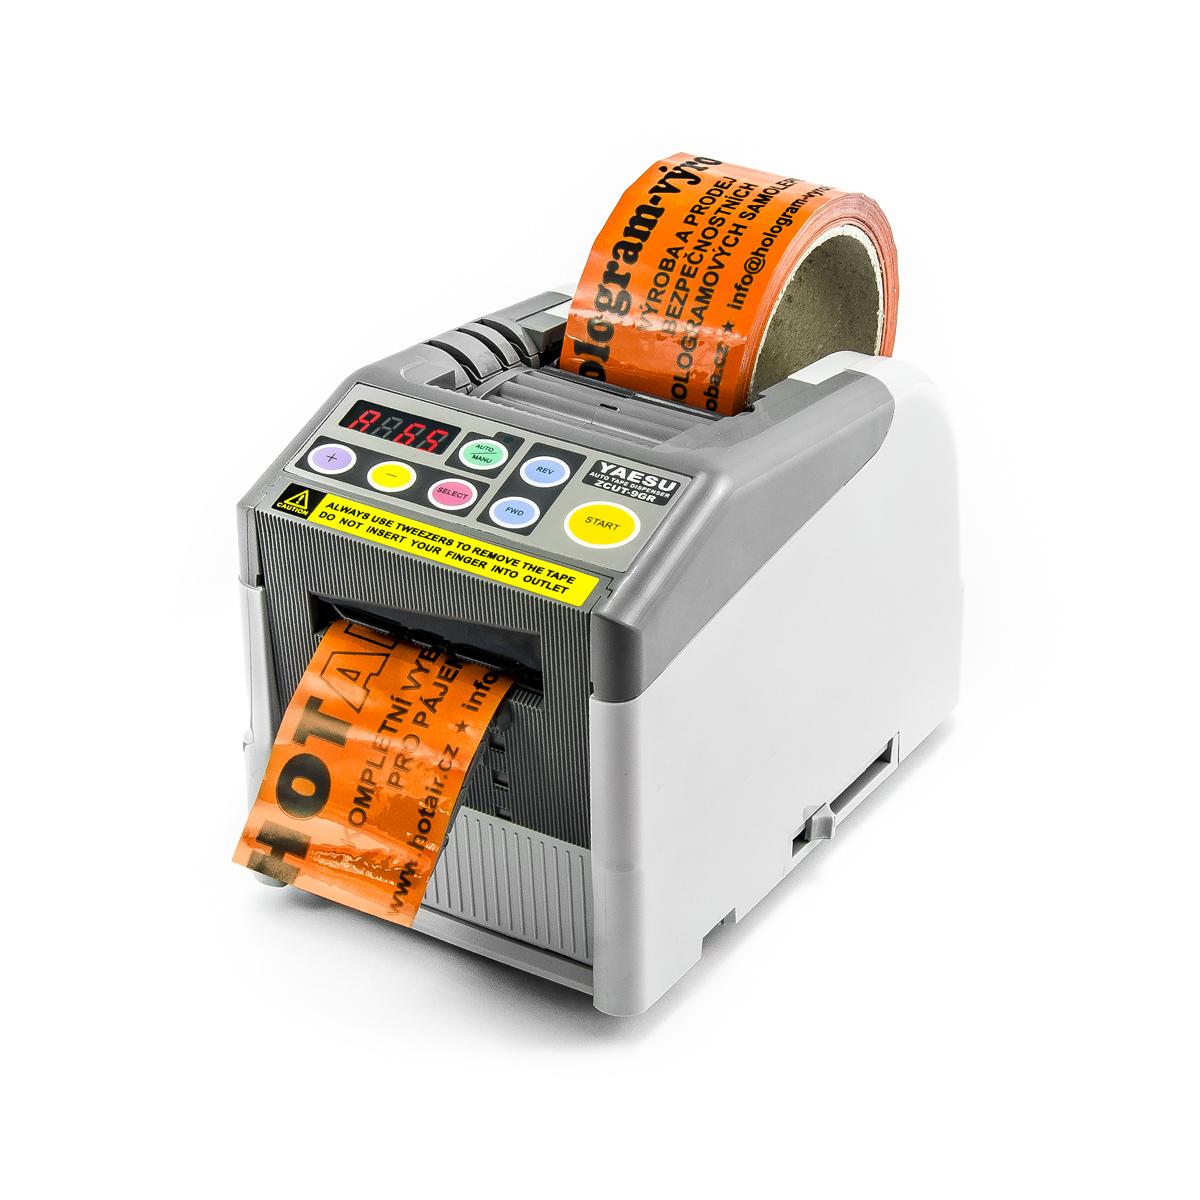 Dávkovač lepících pásek Yaesu ZCUT-9GR s programovatelnými makry